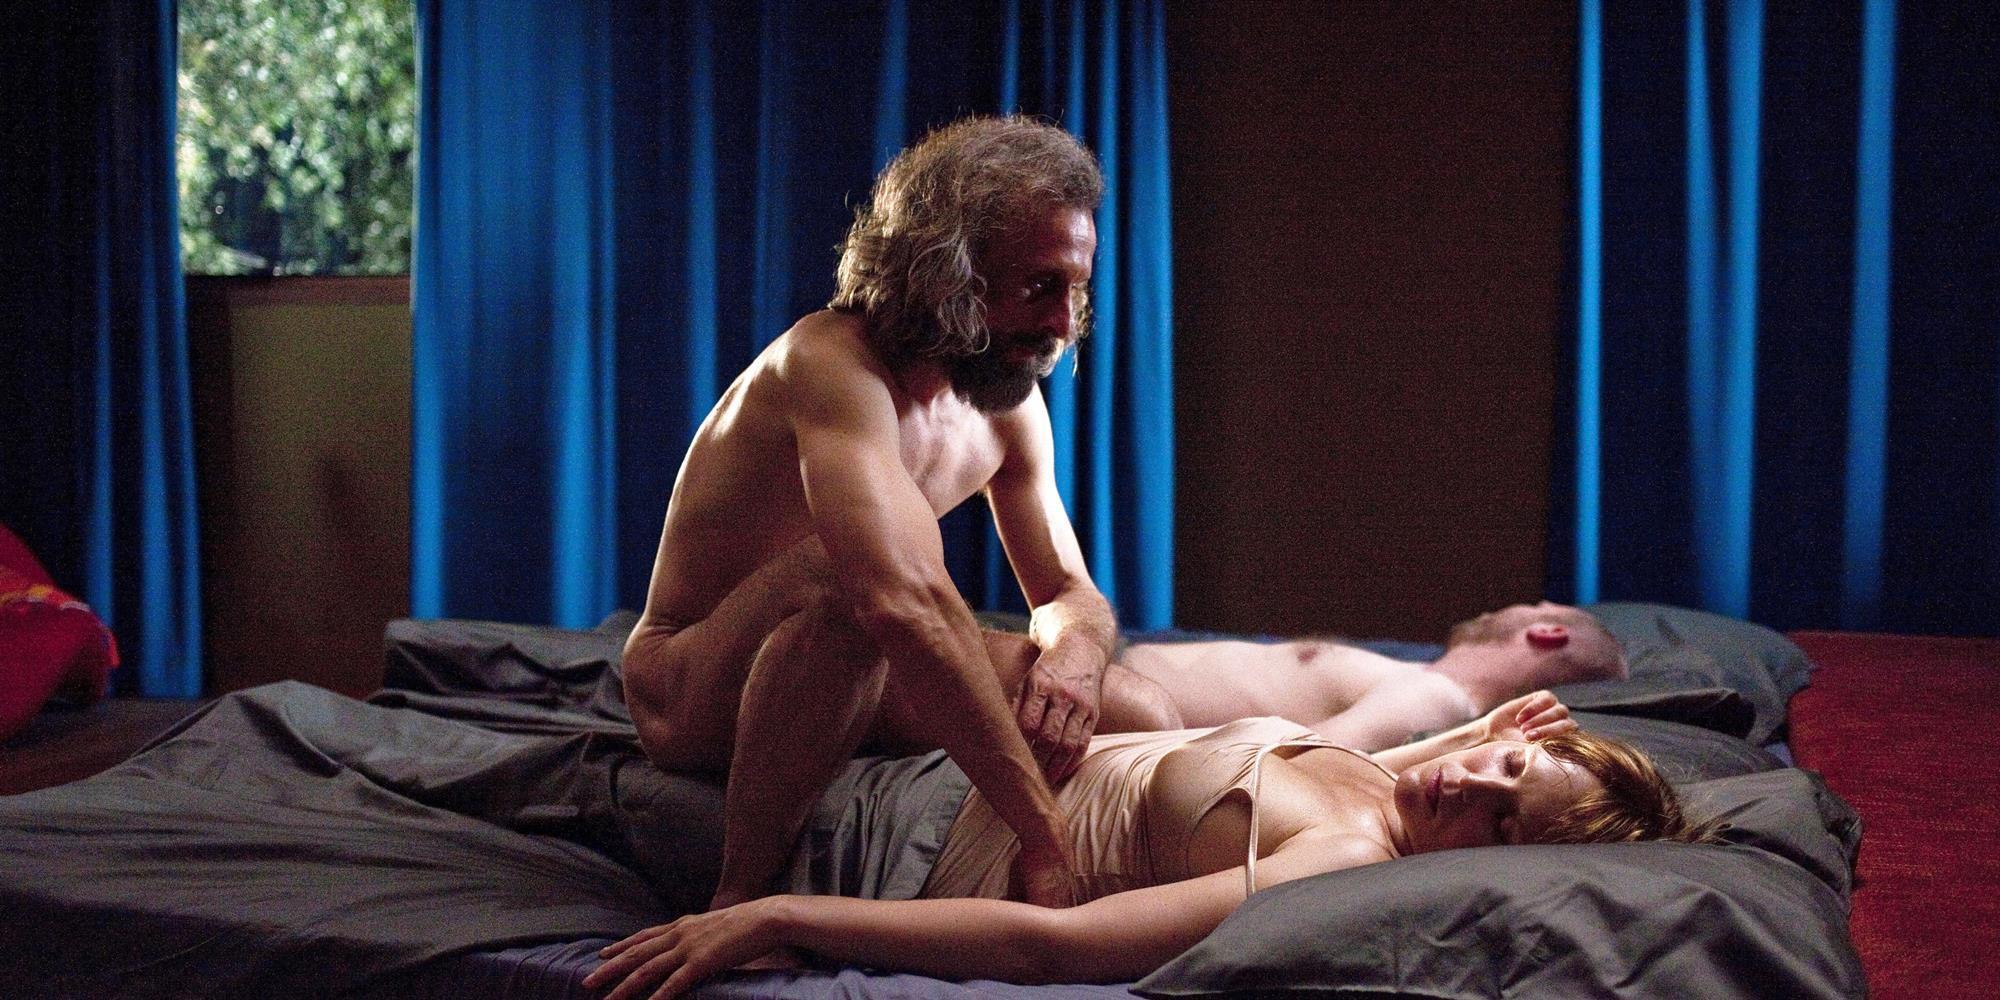 Смотреть все лутшие фильмы про секс